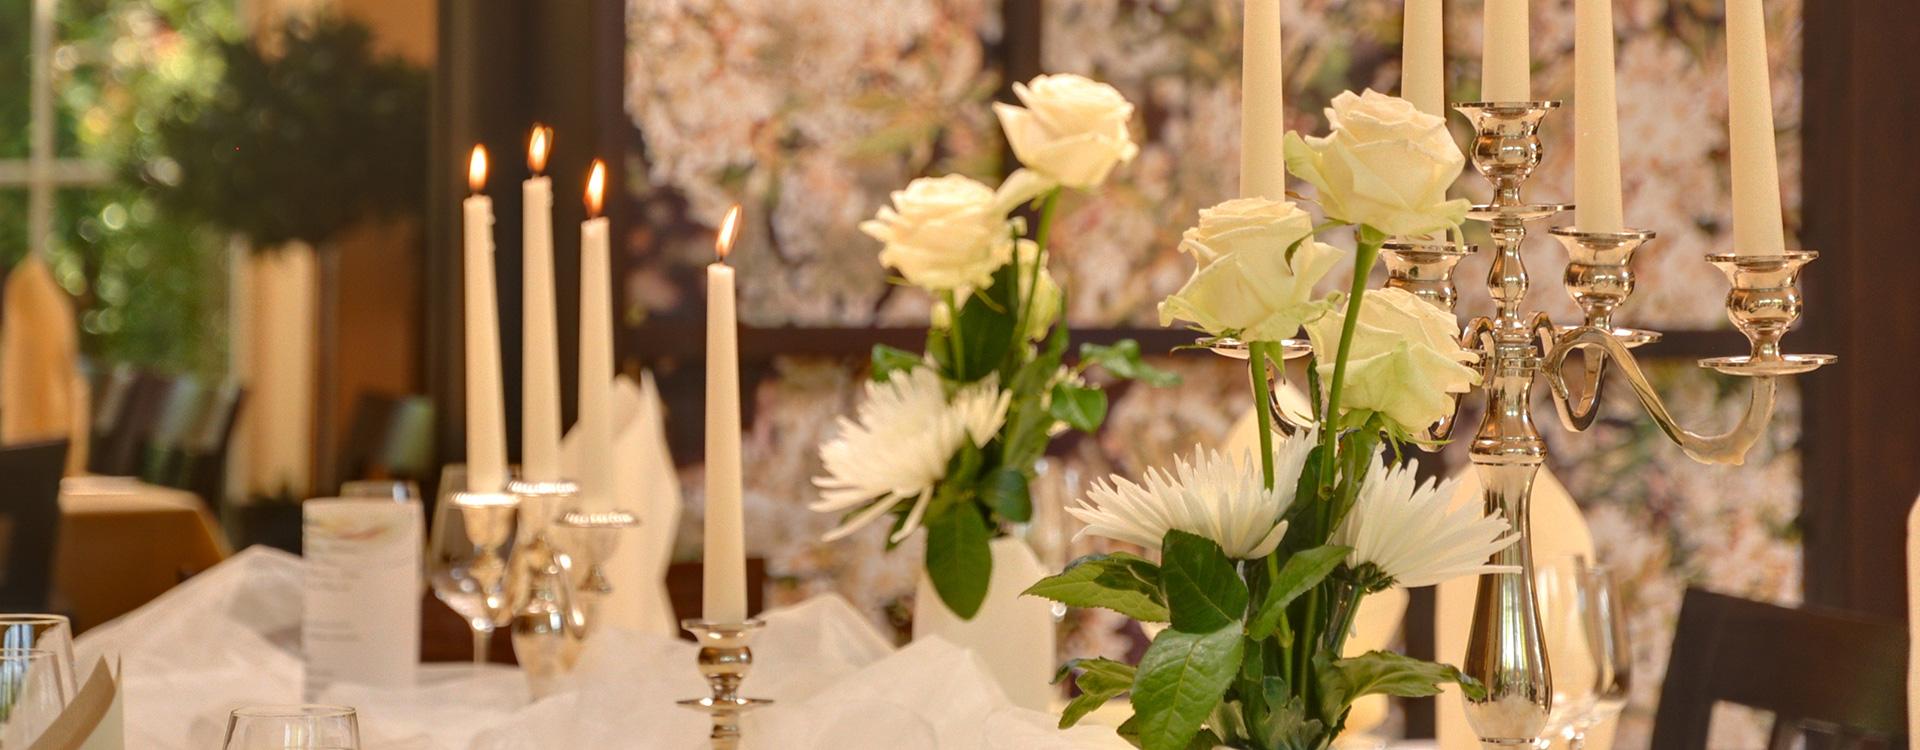 04_Hochzeitssaal_02